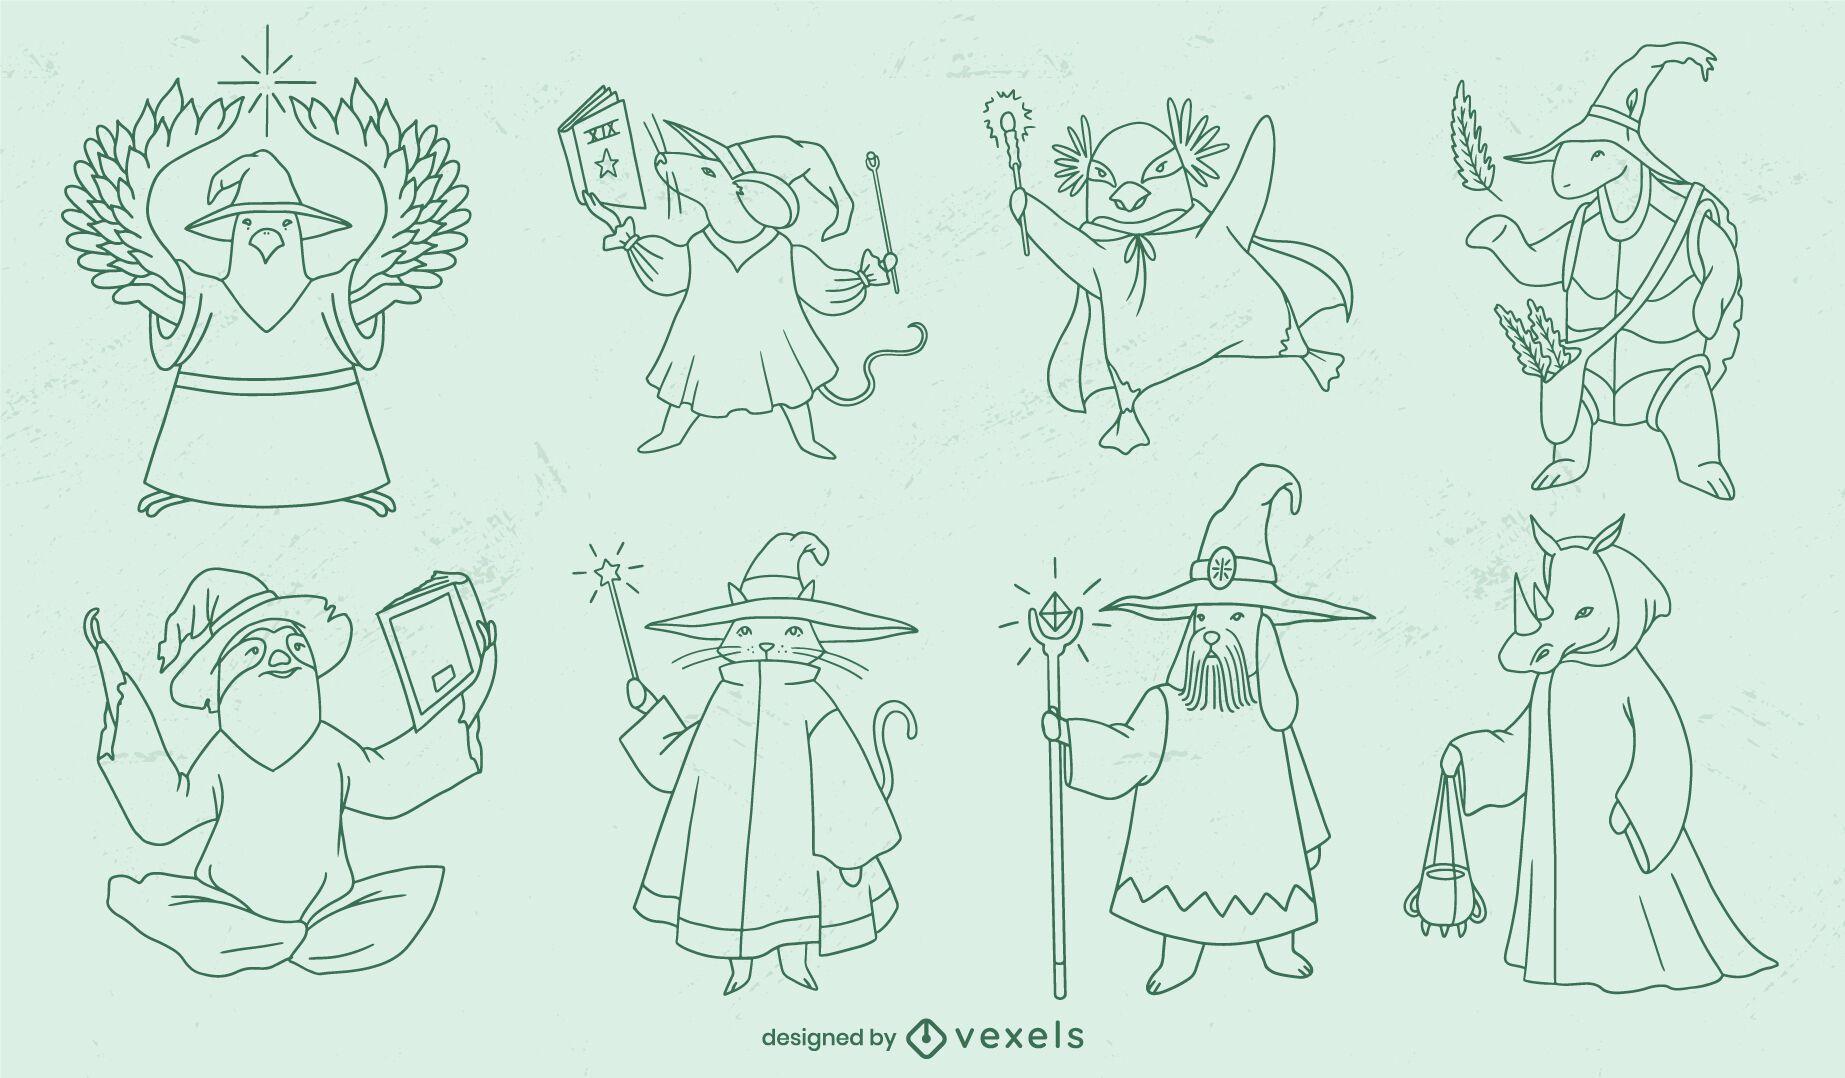 Conjunto de trazos de personajes de fantasía de hechiceros animales.